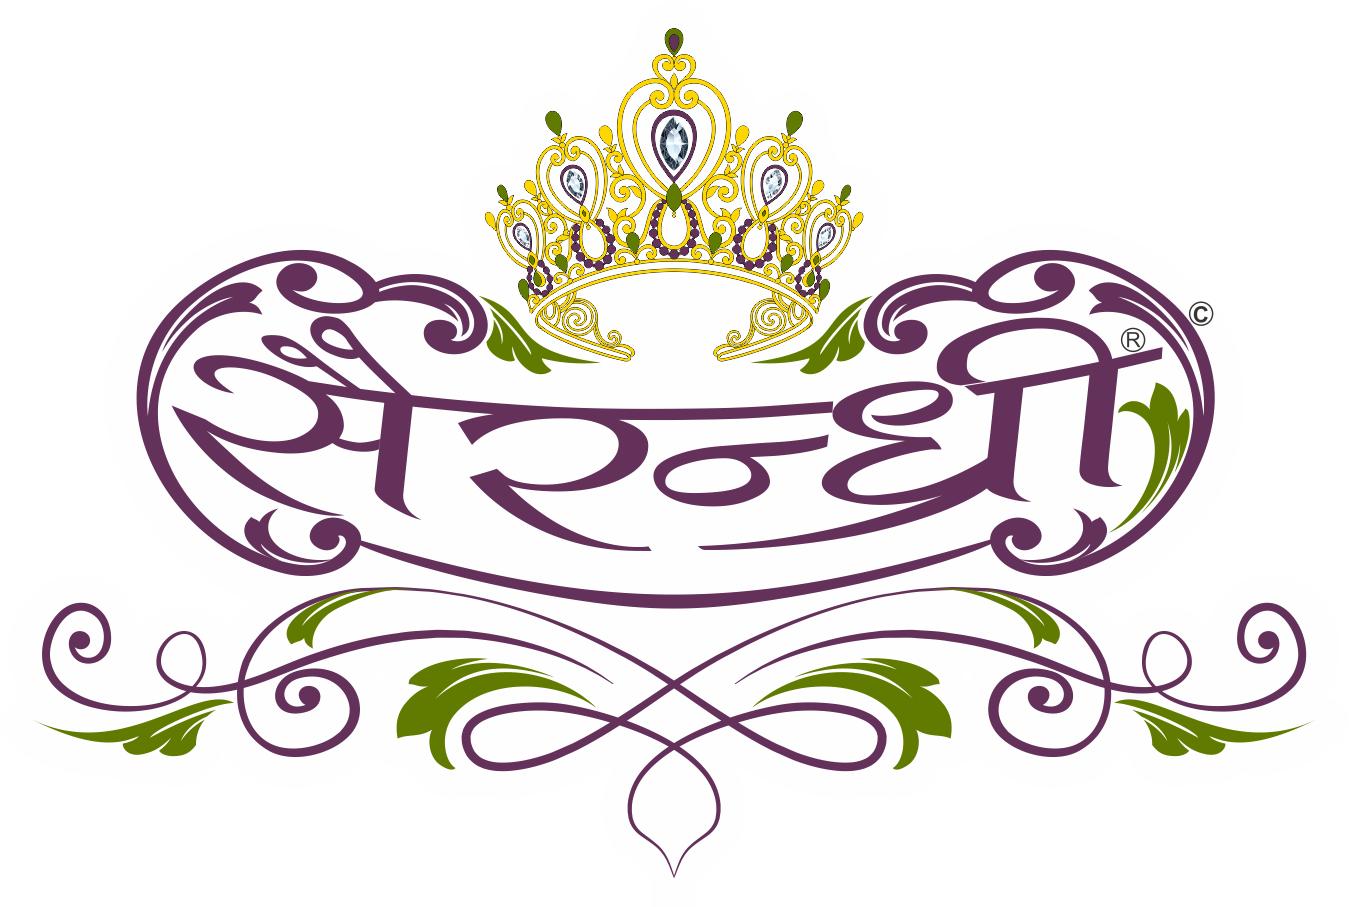 Sairandhri blog